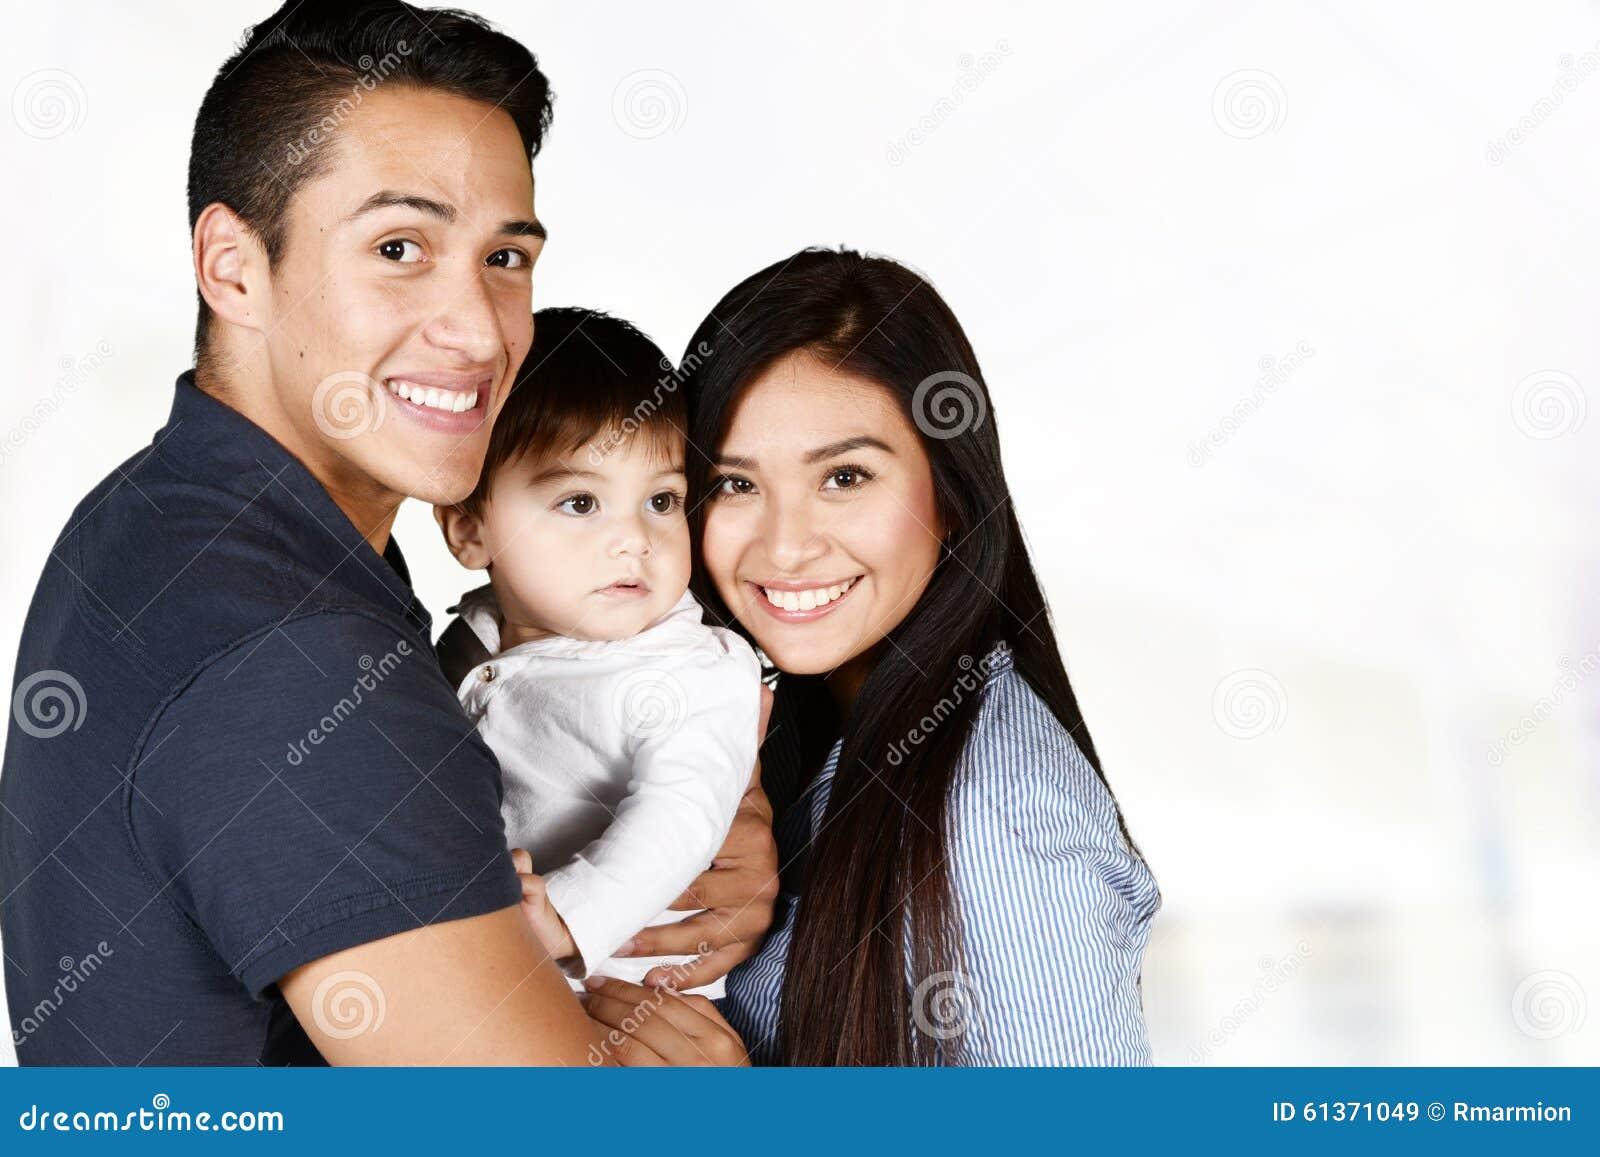 Hispanic family together stock photo image 61371049